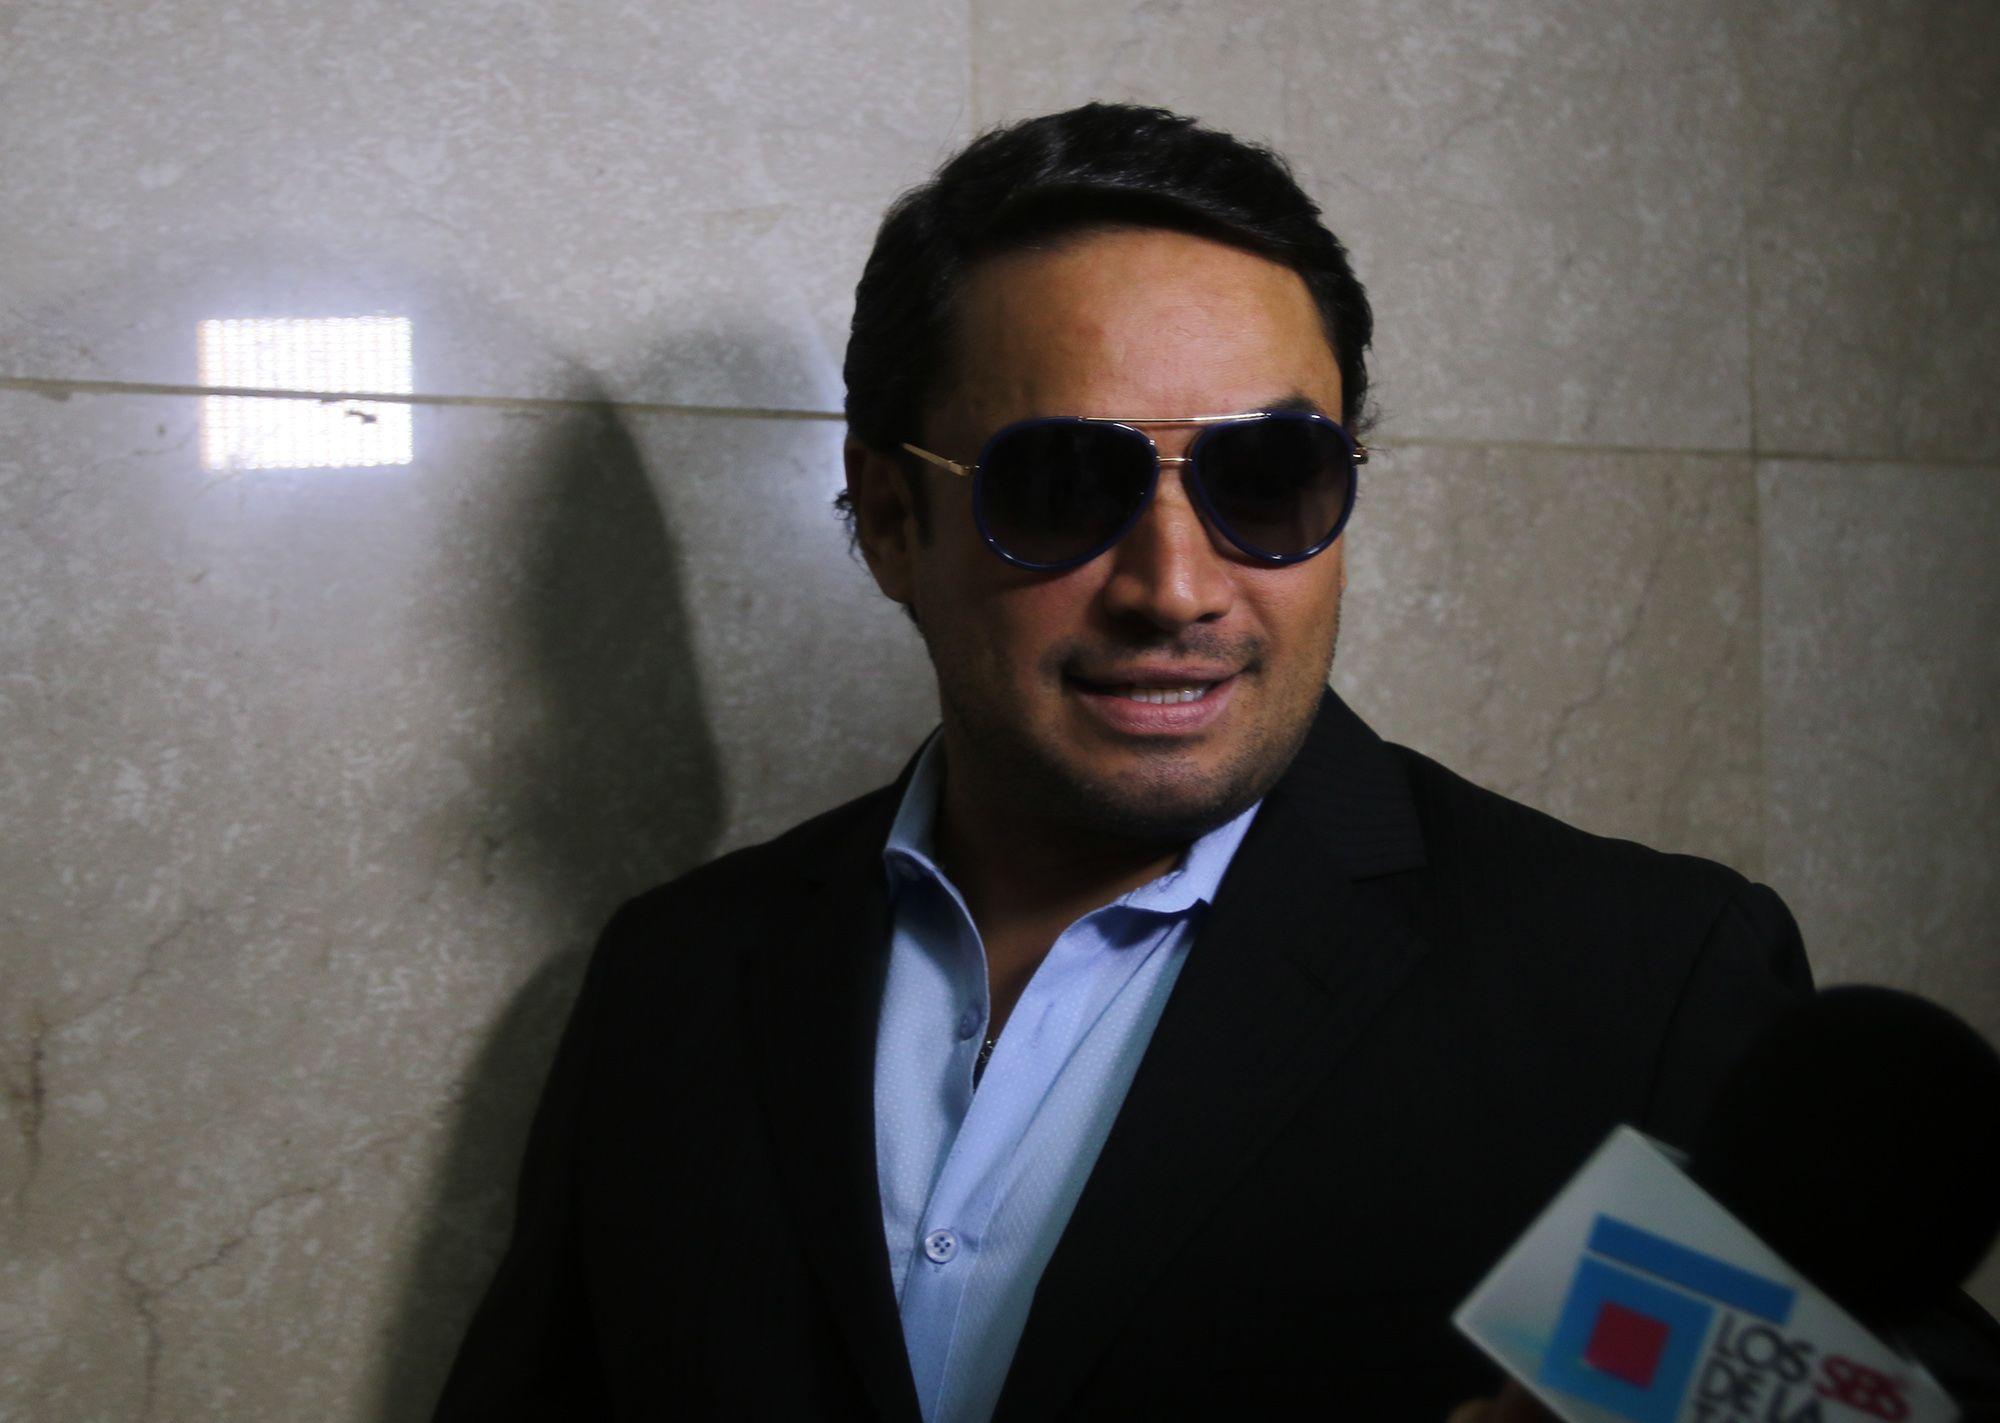 El merenguero fue arrestado el 5 de septiembre después de que impactara una patrulla de la Policía.